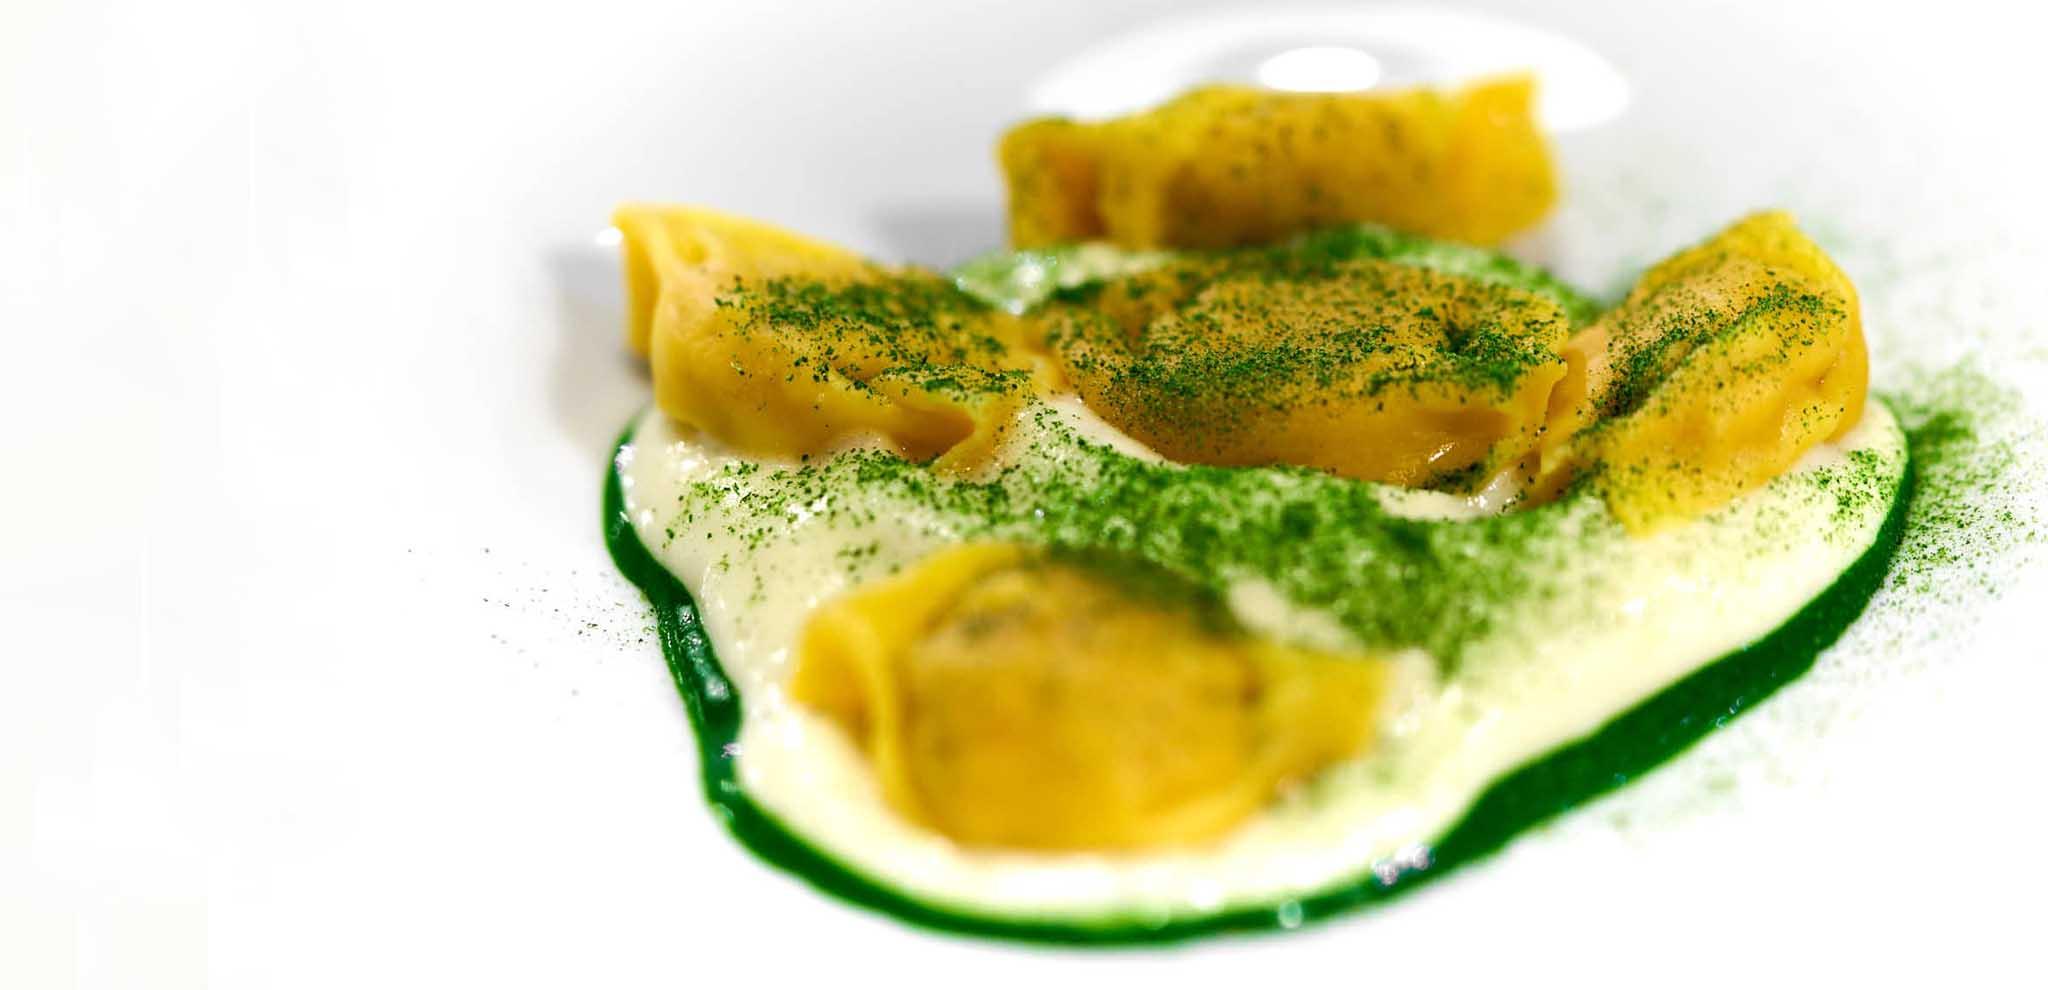 Eataly 10 anni a roma piatti degli chef stellati e for Piatti roma